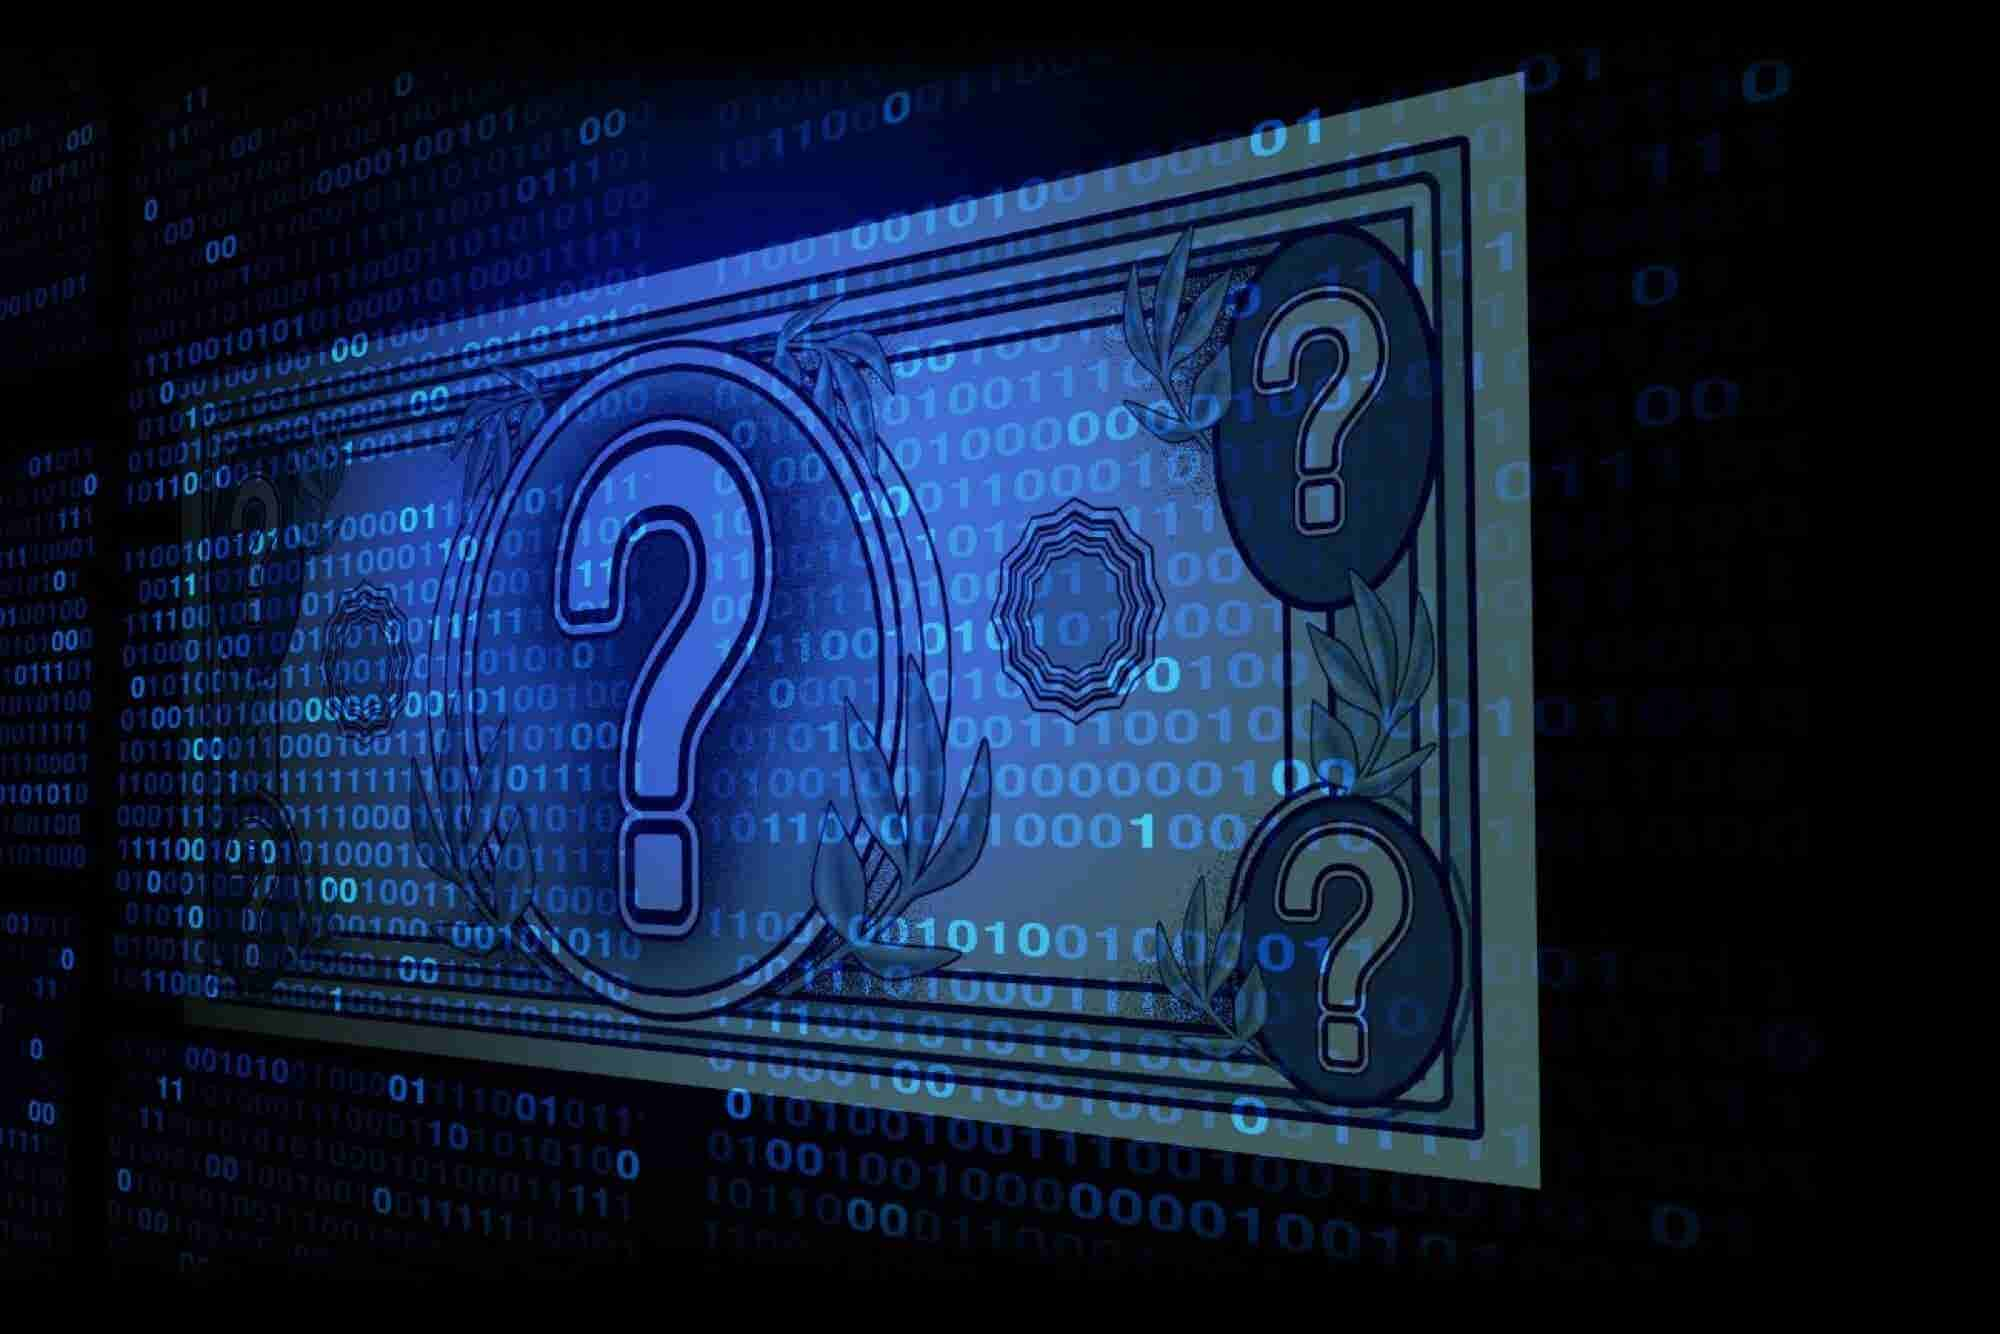 El fundador de una criptobolsa muere, se lleva la contraseña a la tumba y deja a sus clientes sin 190 millones de dólares